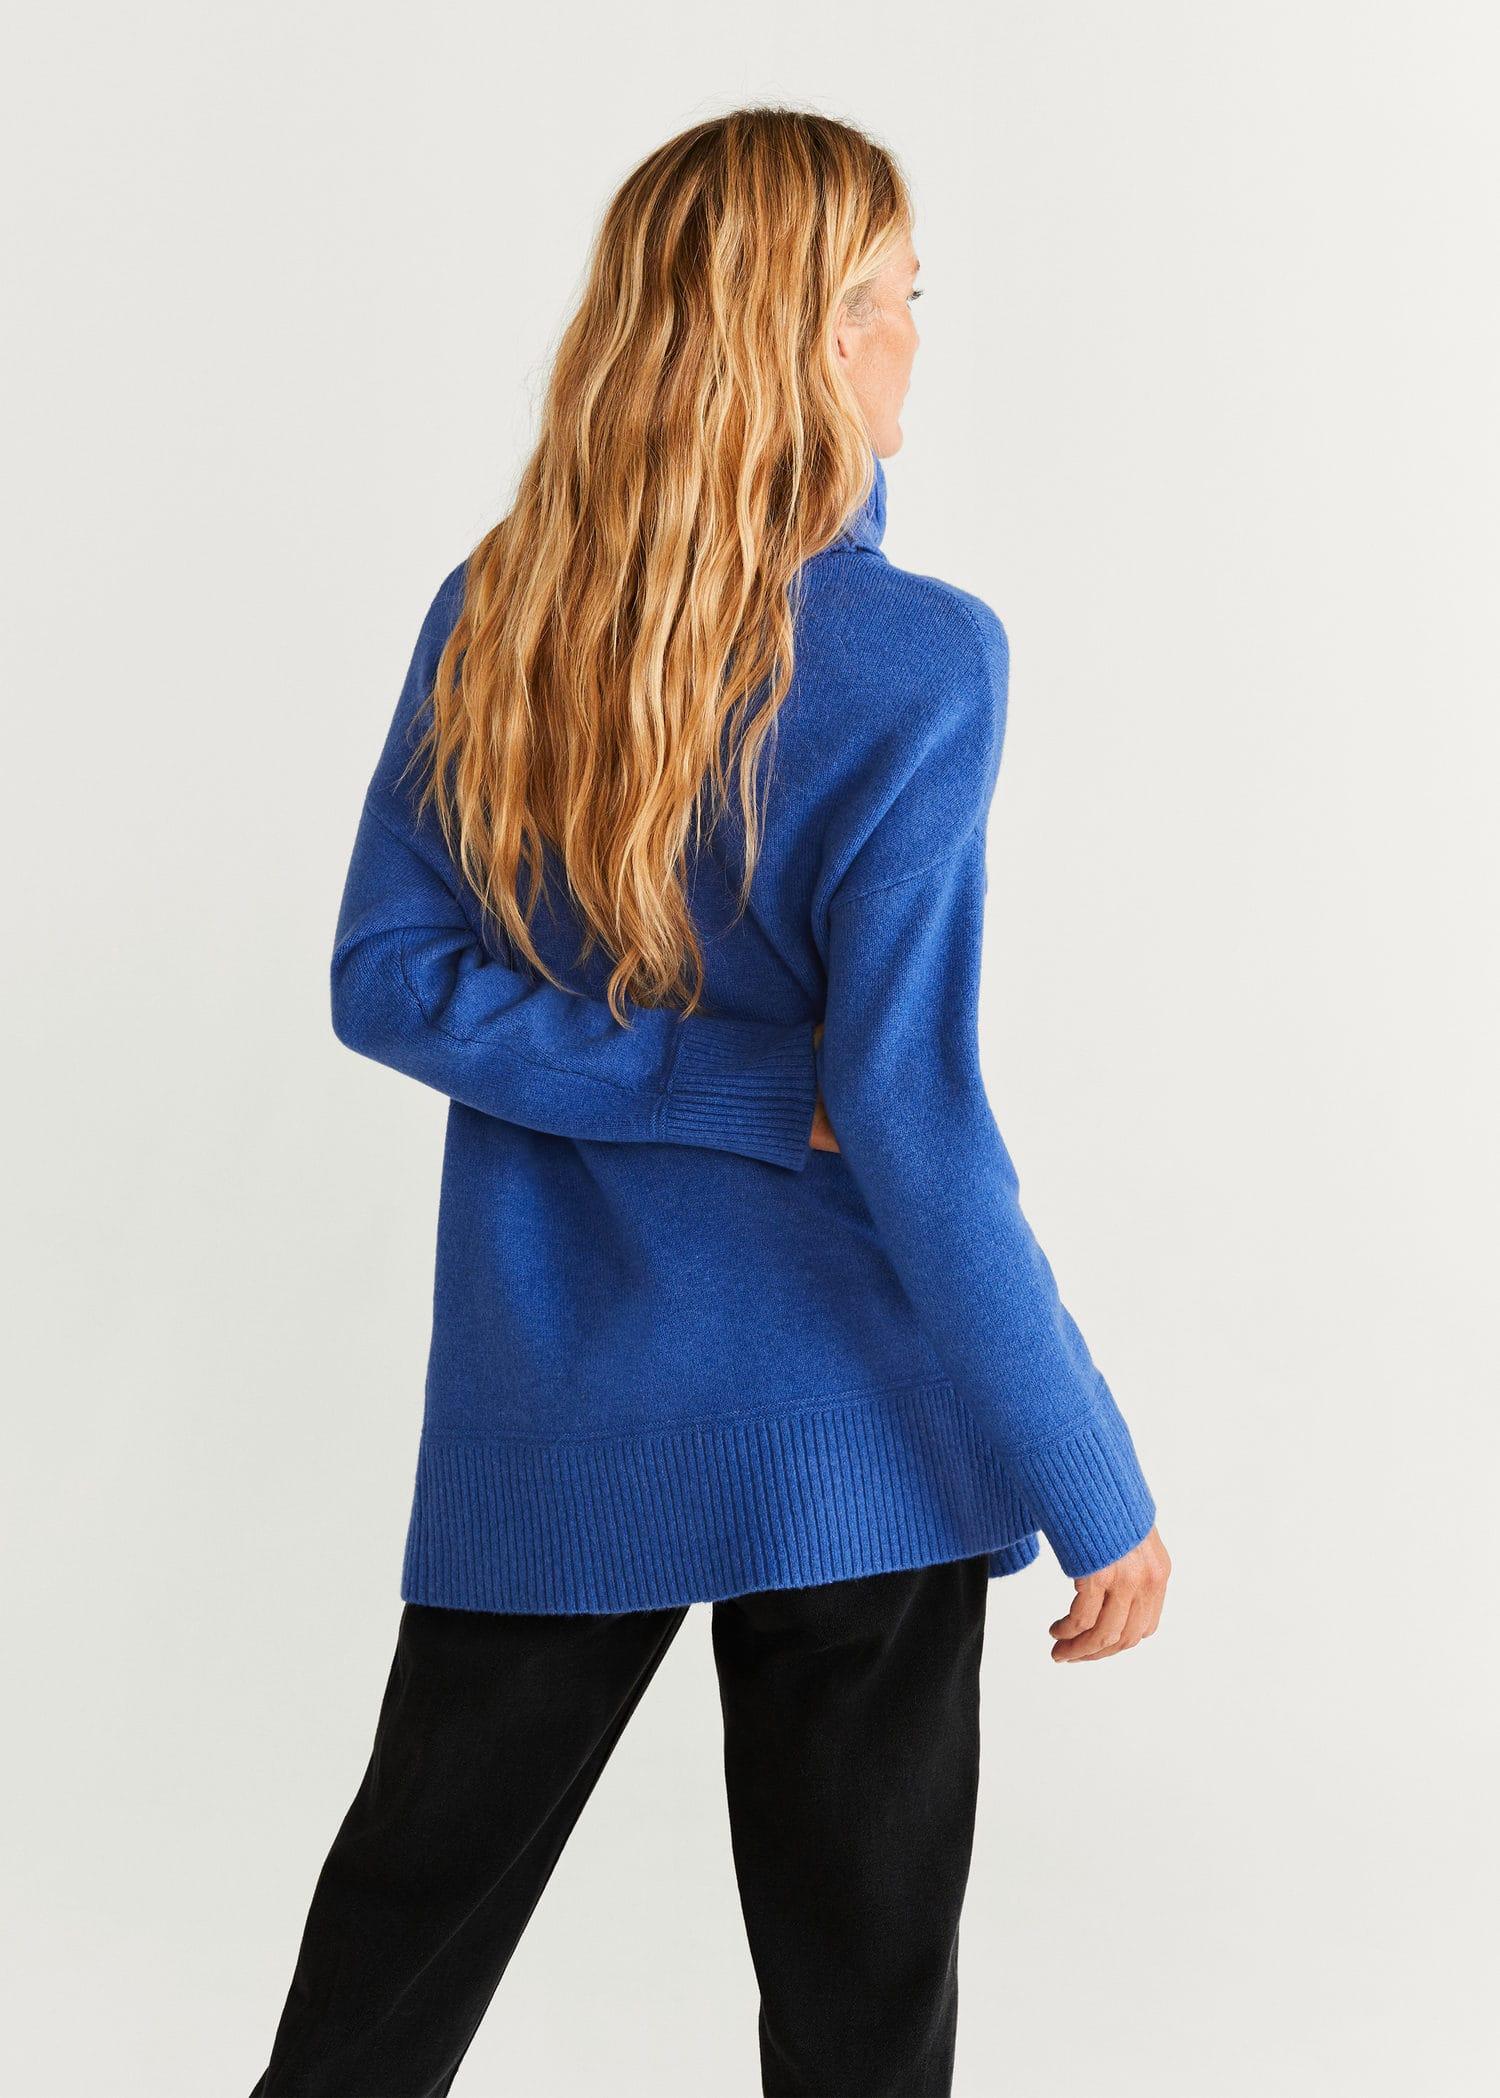 best loved 61079 eabd7 Pullover - Strickjacken & pullover für Damen 2019   Mango ...